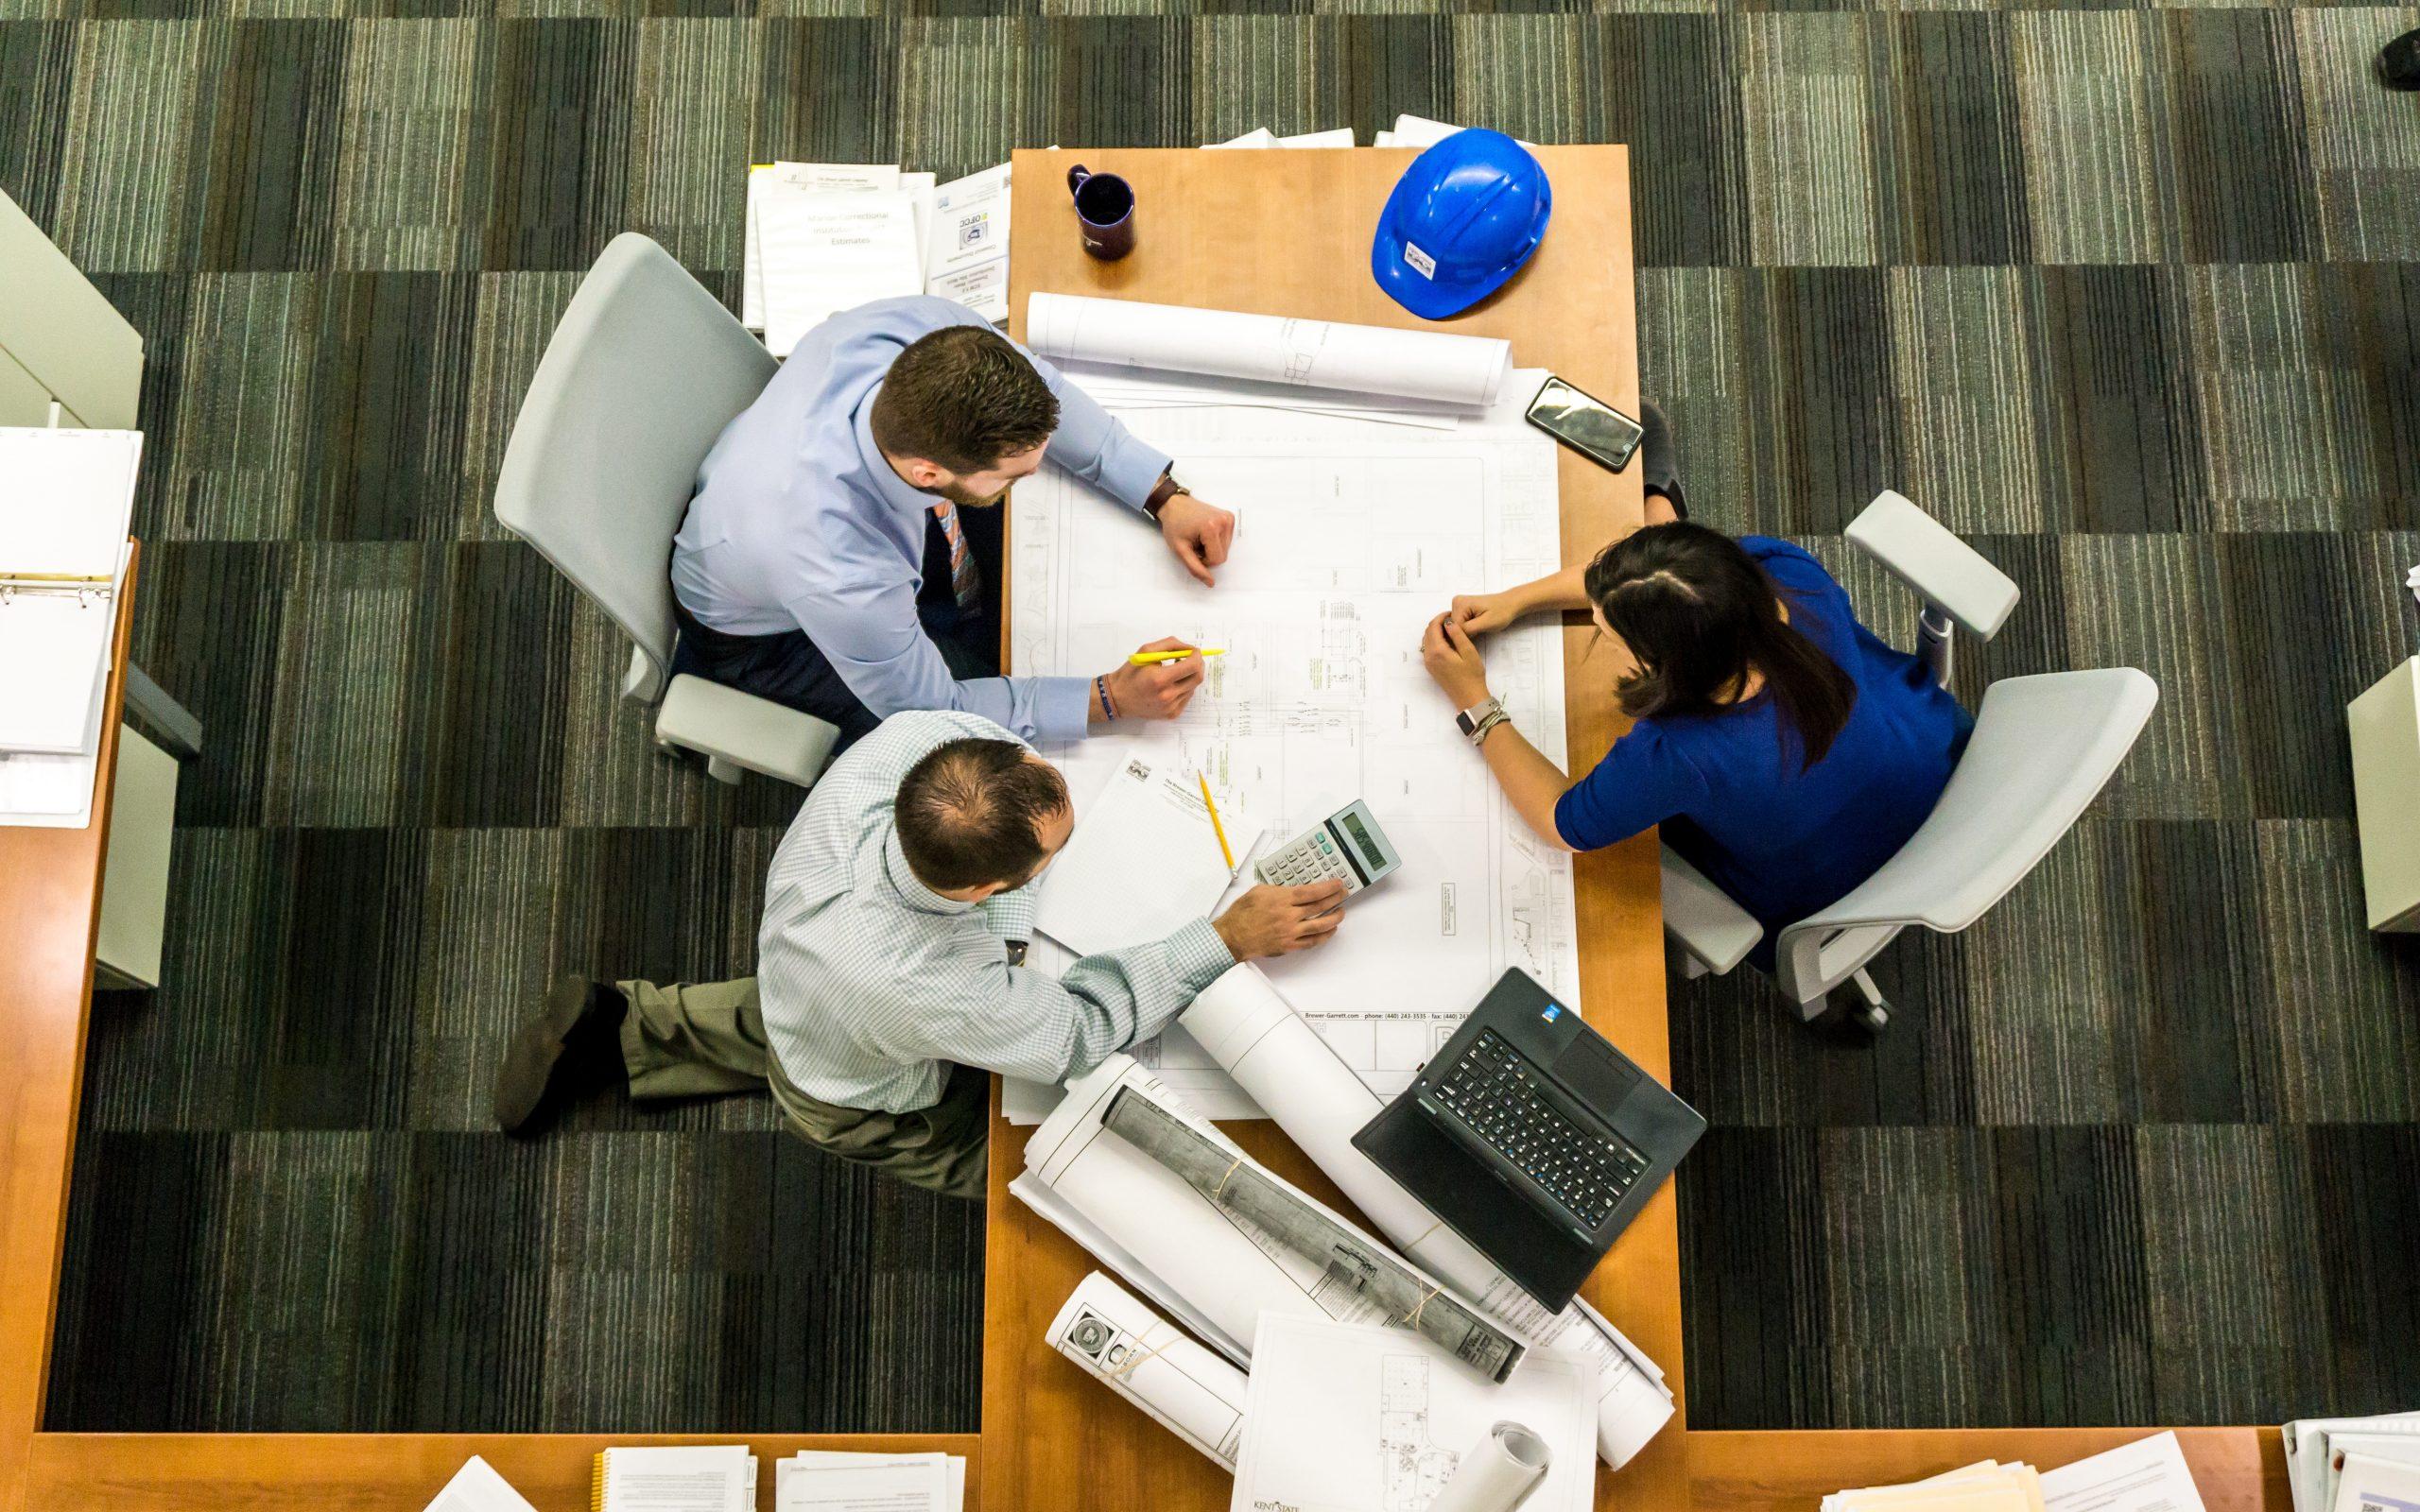 Lựa chọn phần mềm quản lý thiết bị chất lượng, uy tín